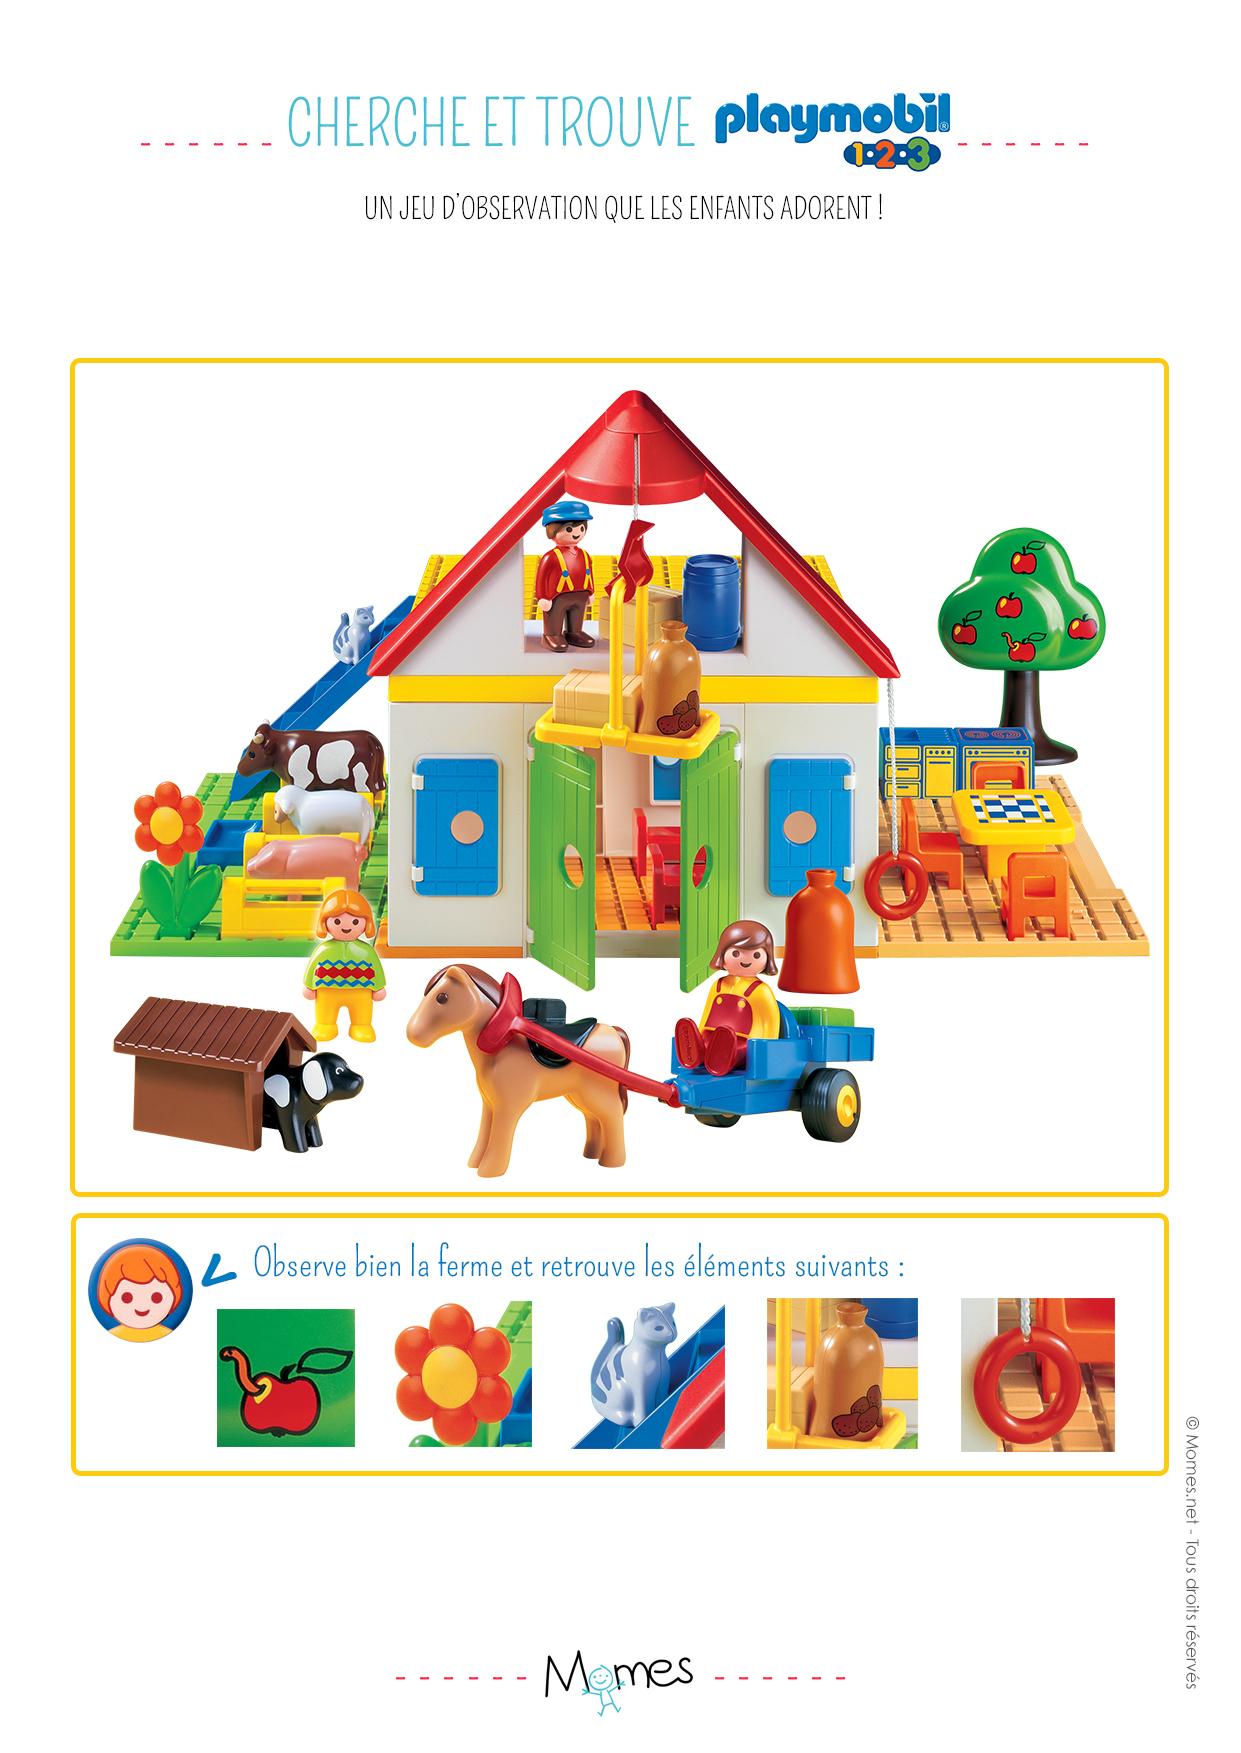 Cherche et trouve Playmobil 123